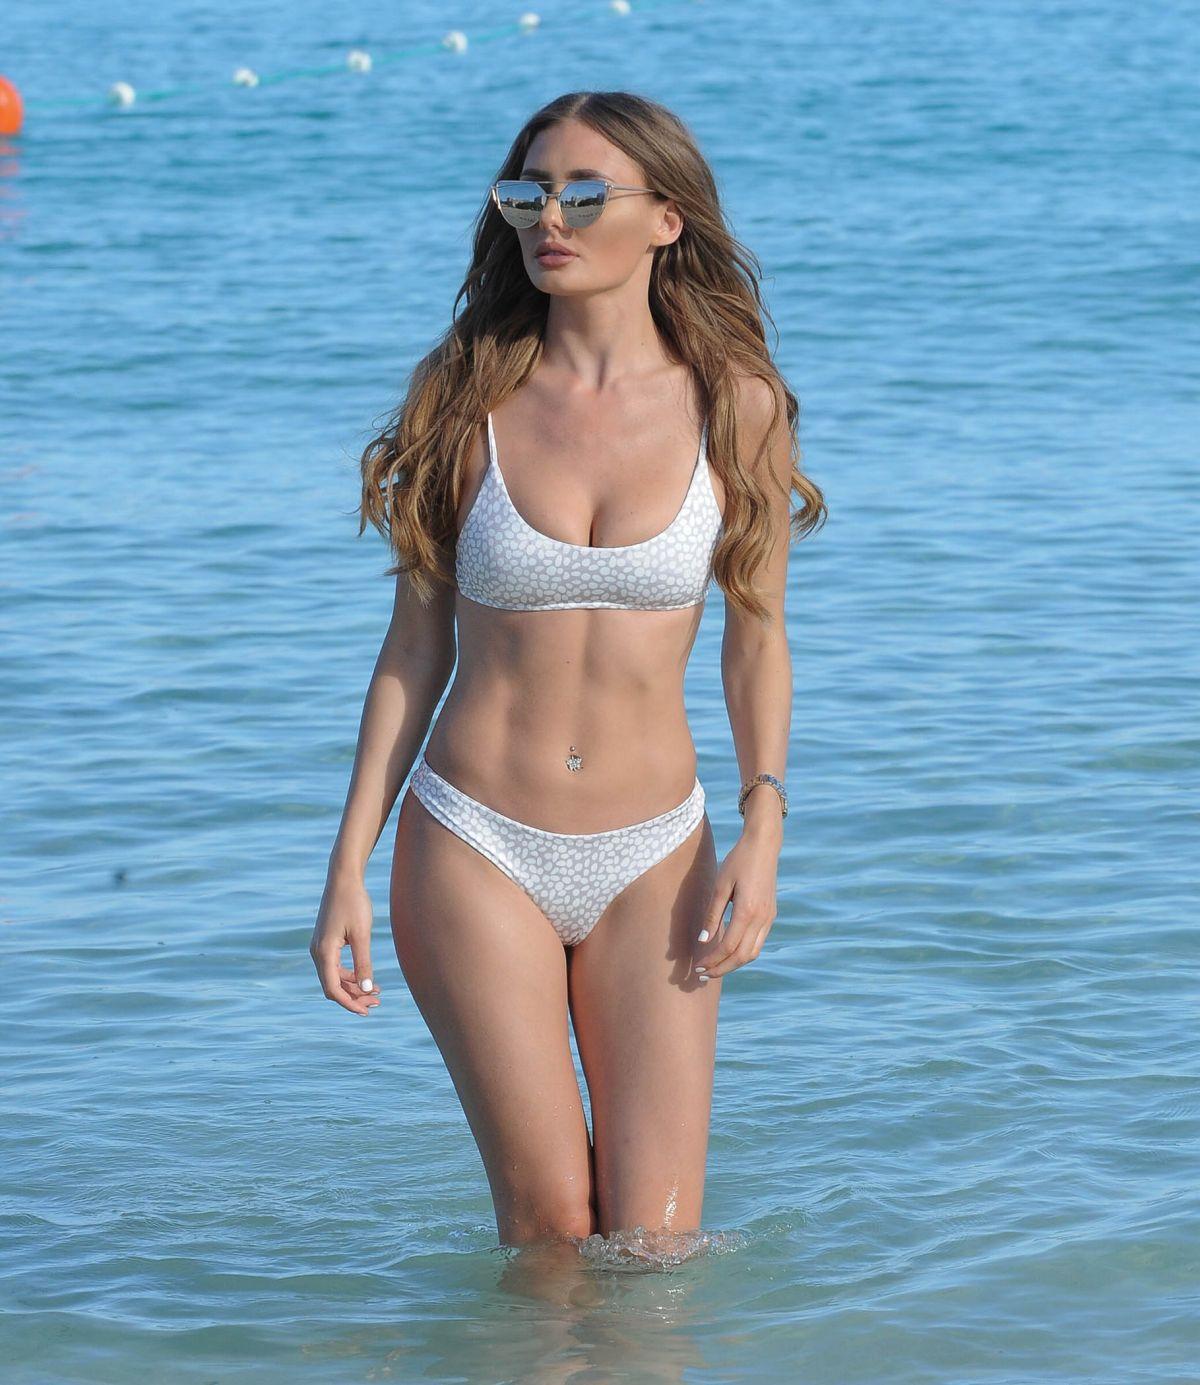 Bikini Tanya Clarke nude (47 photo), Paparazzi